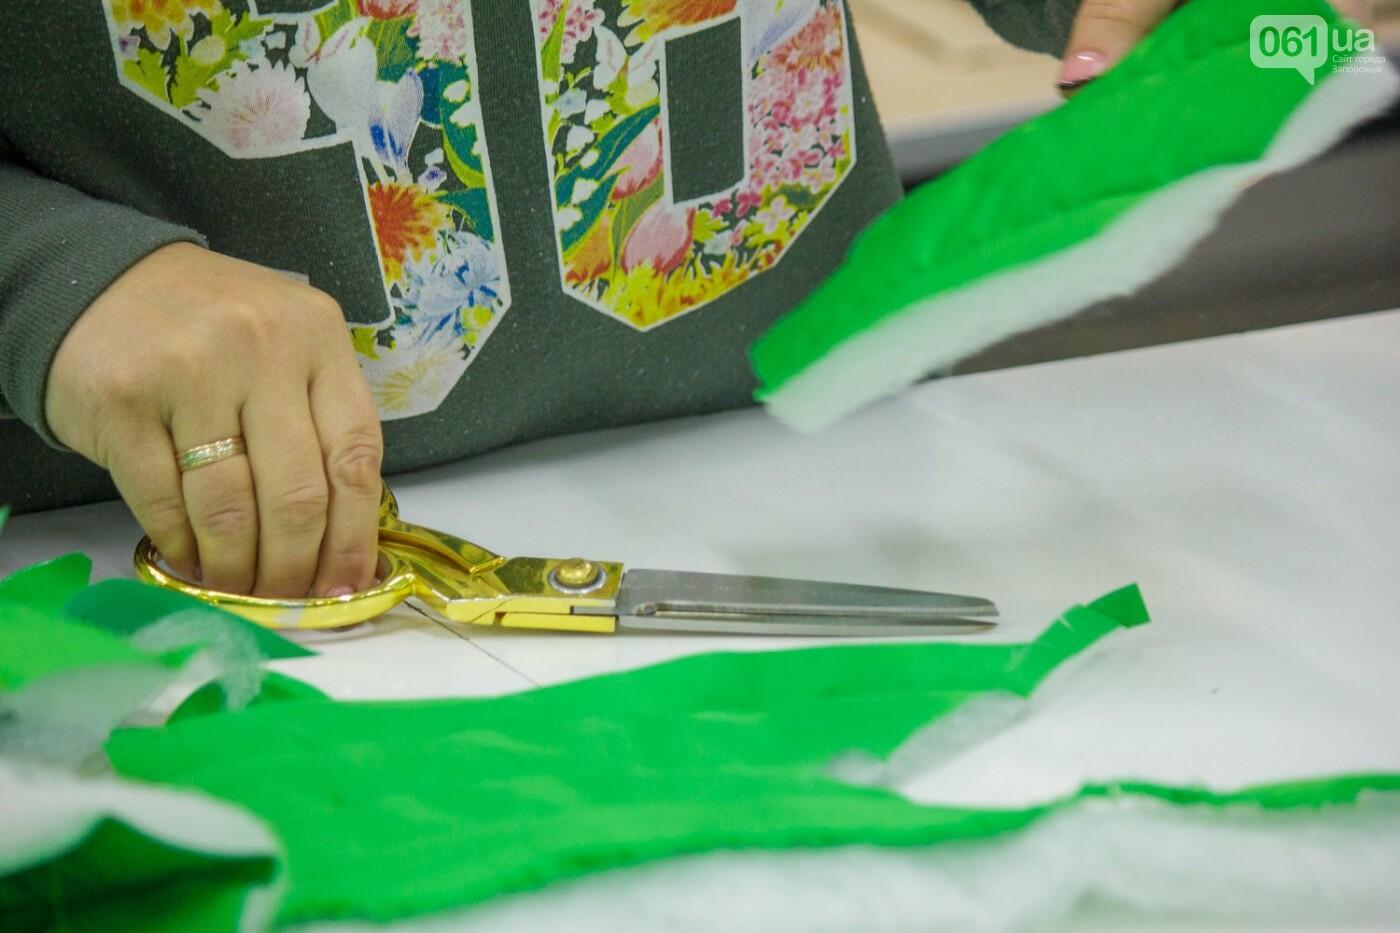 Как в Запорожье шьют мужское белье: экскурсия на трикотажную фабрику, – ФОТОРЕПОРТАЖ, фото-14